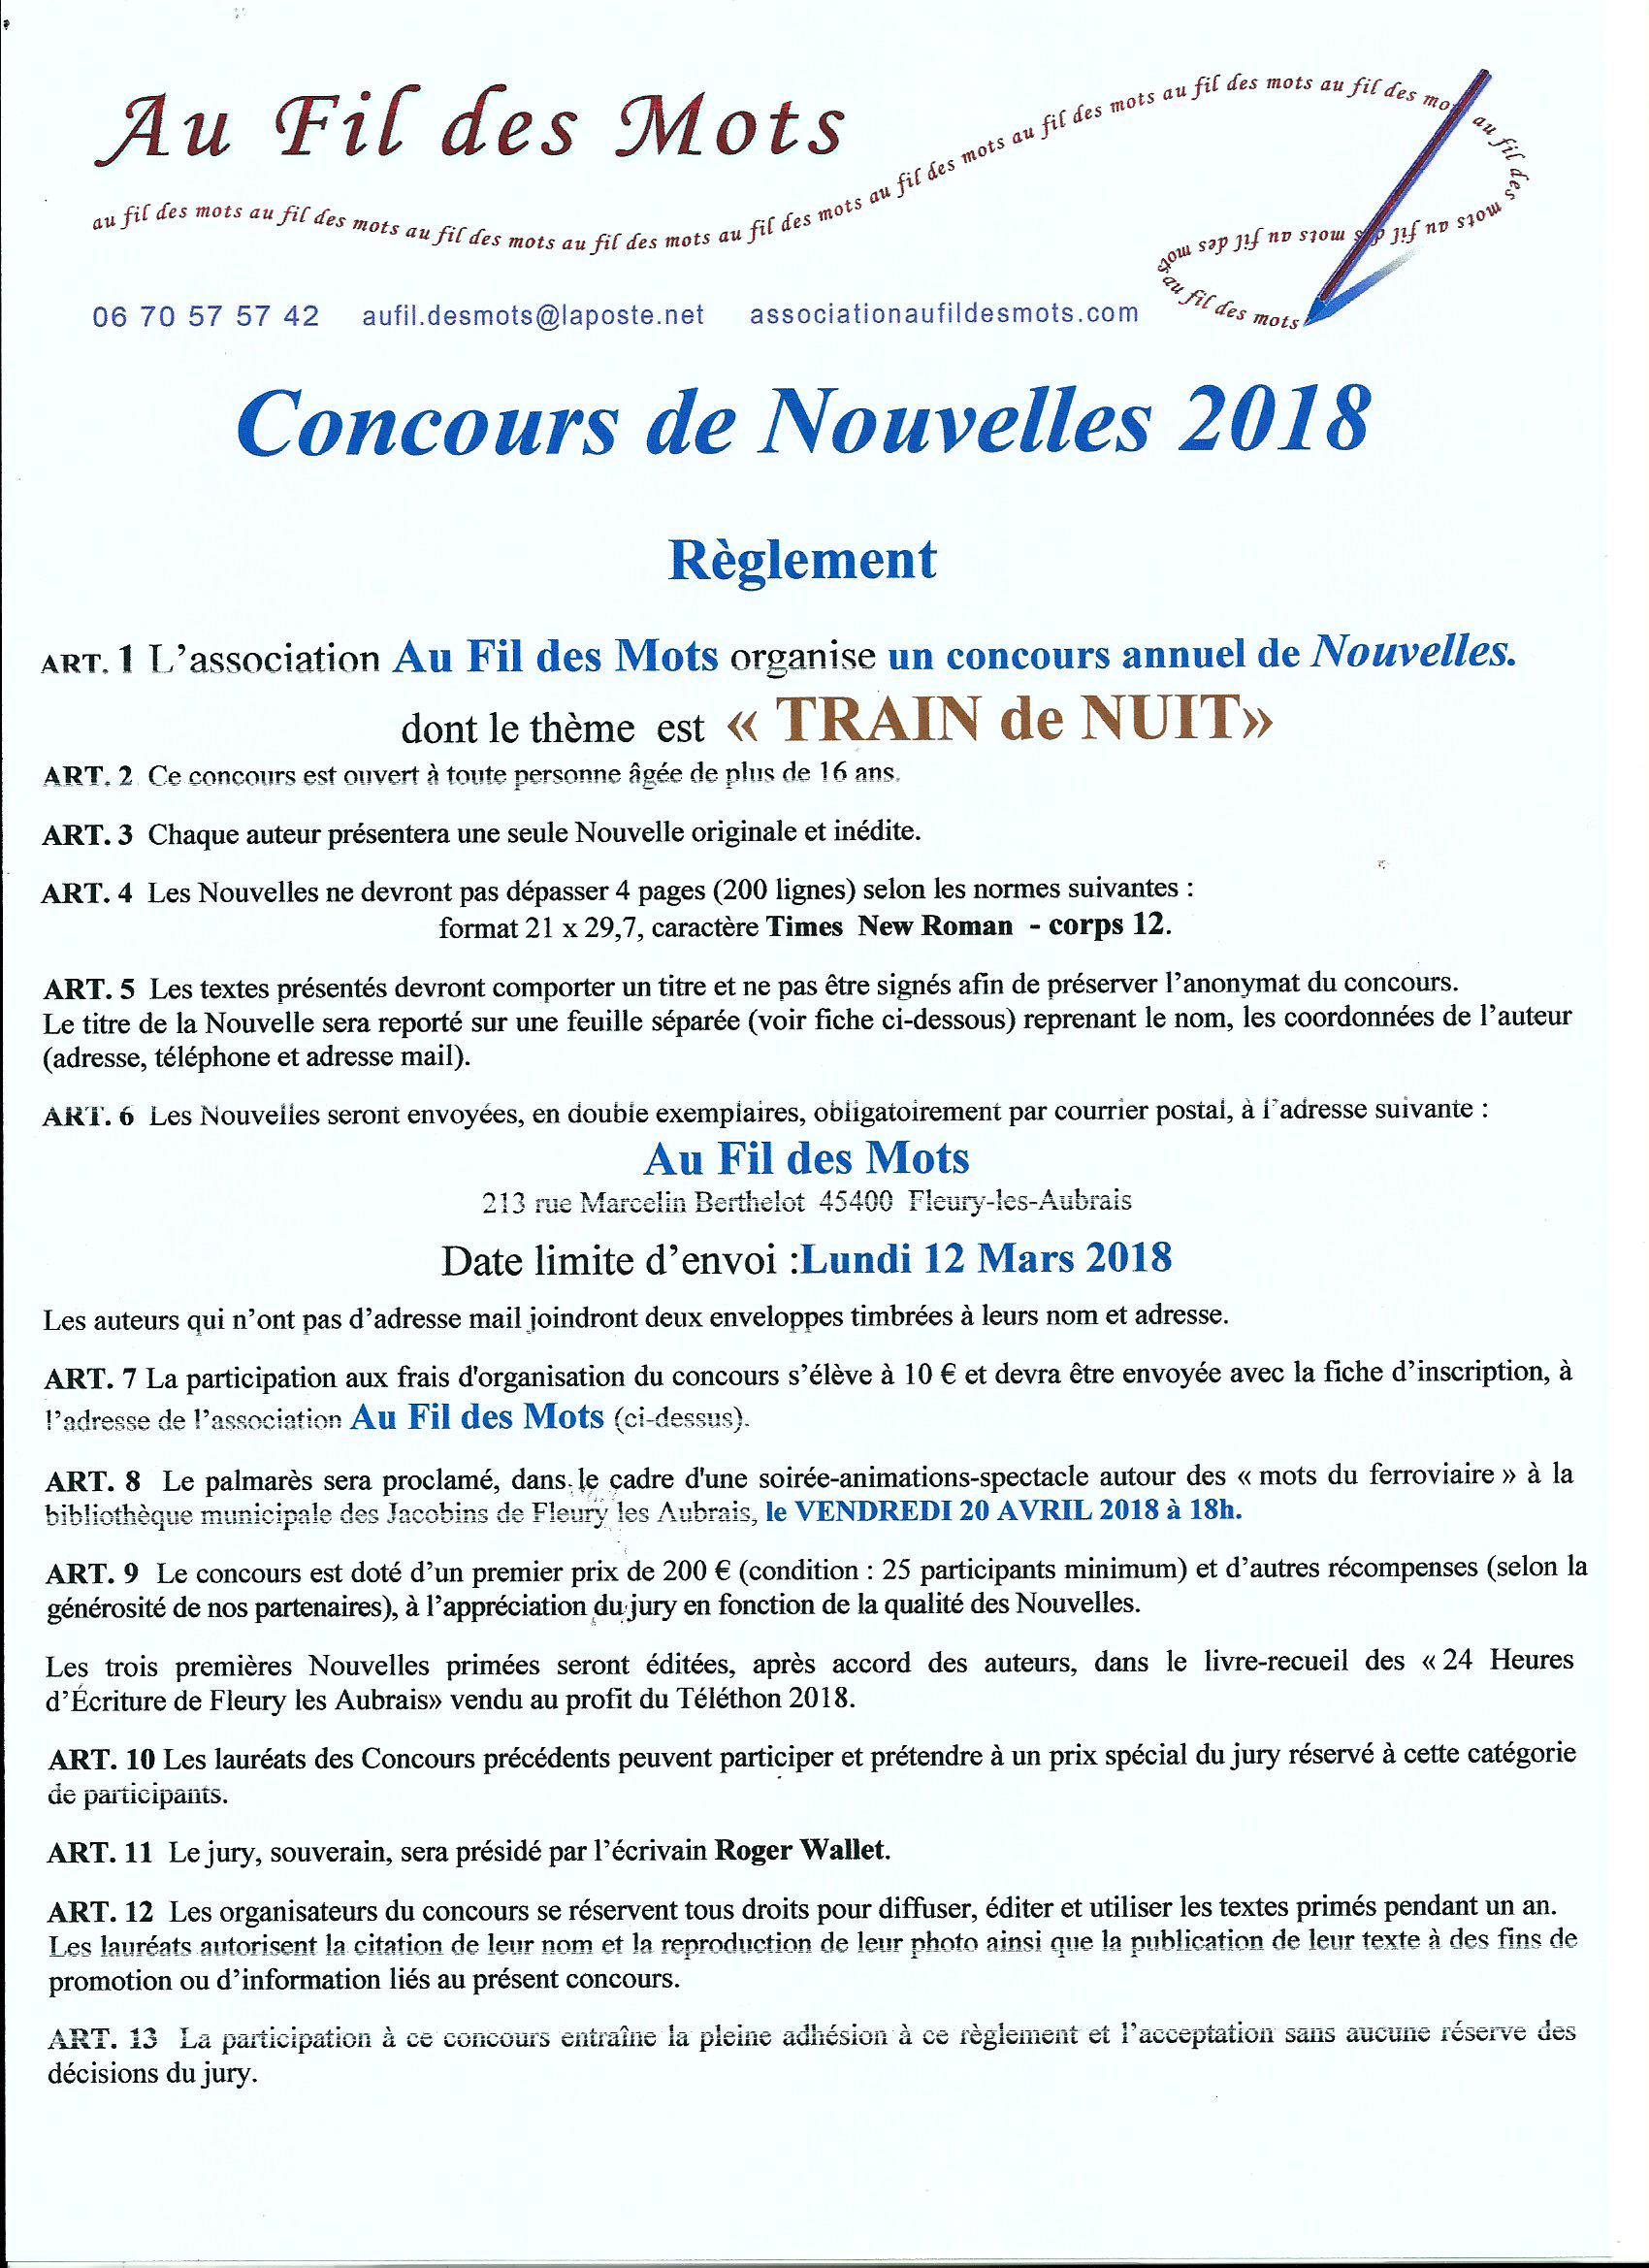 Scan Communiqué Au Fil des Mots Concours de Nouvelles 2018.jpg